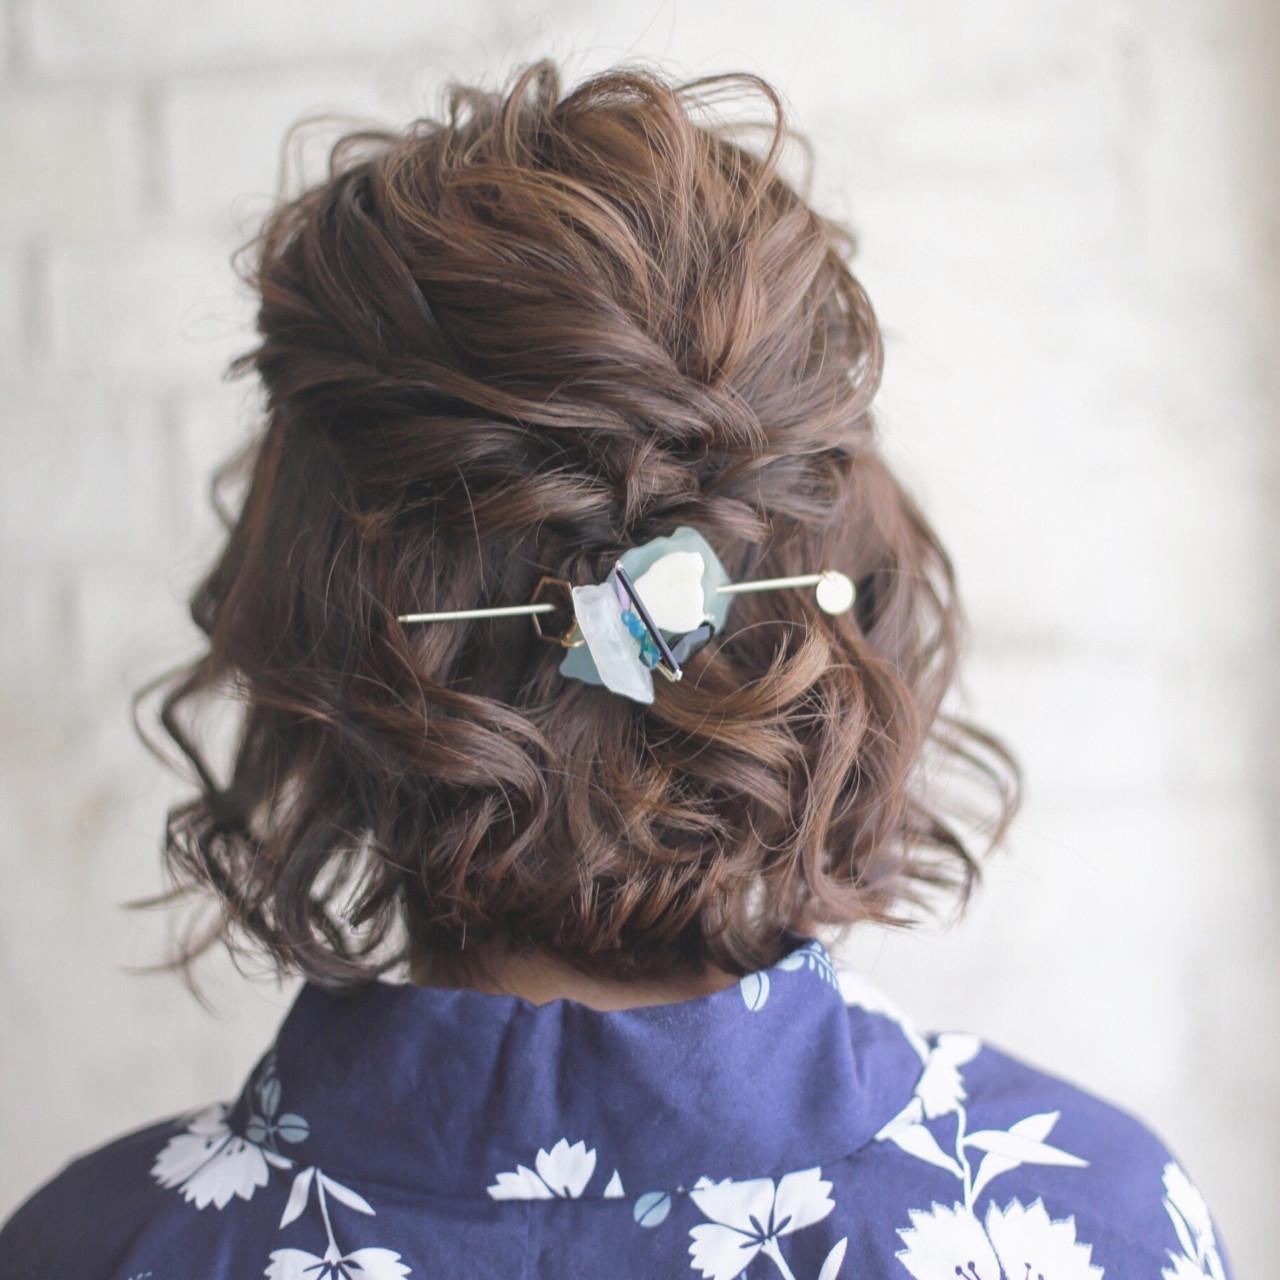 ハイライト ショート ヘアアレンジ 夏 ヘアスタイルや髪型の写真・画像 | 谷本将太 nalu hair / nalu hair  (ナルーヘアー)